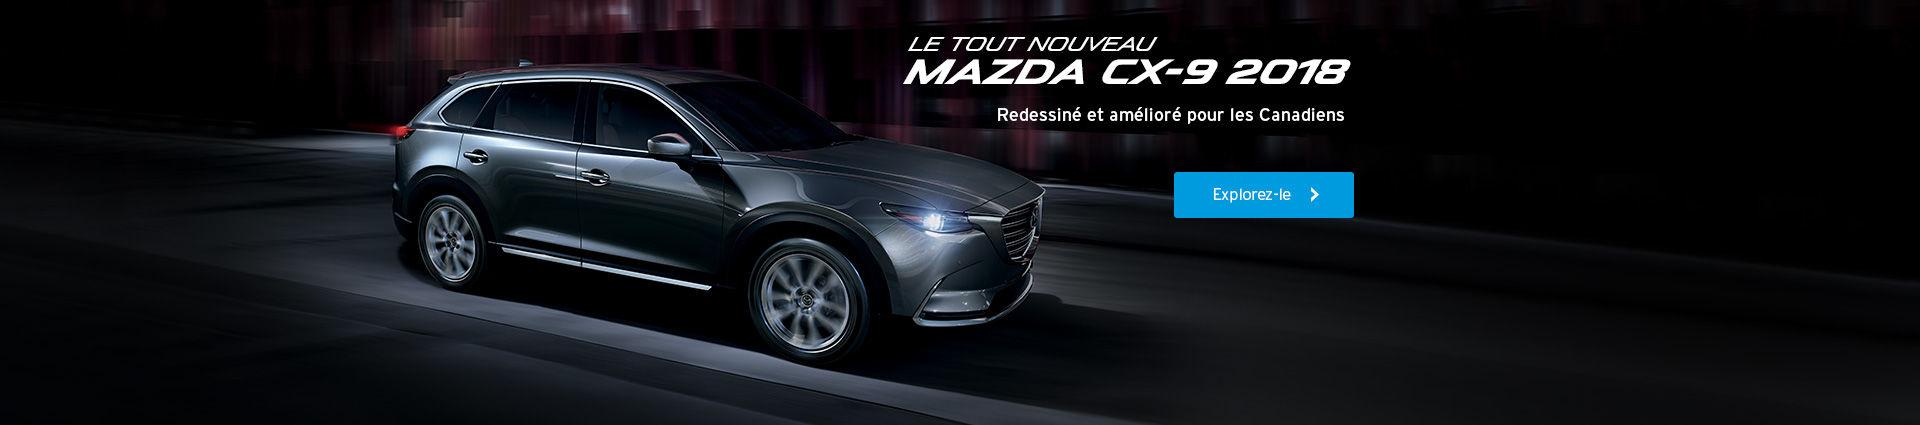 Mazda CX9 - FR